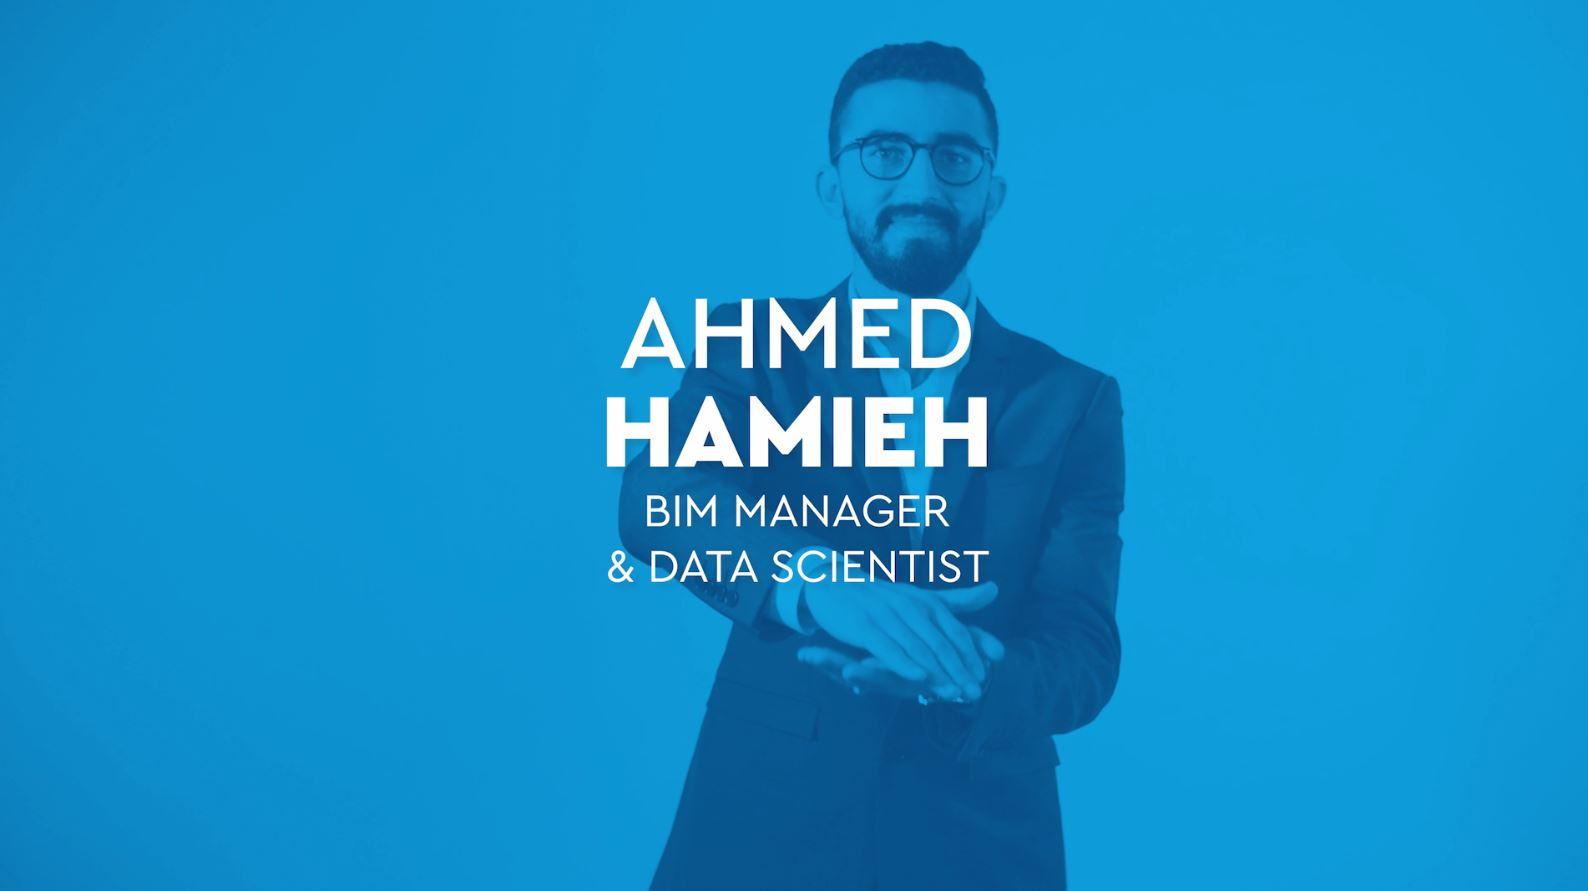 ahmed_hamieh